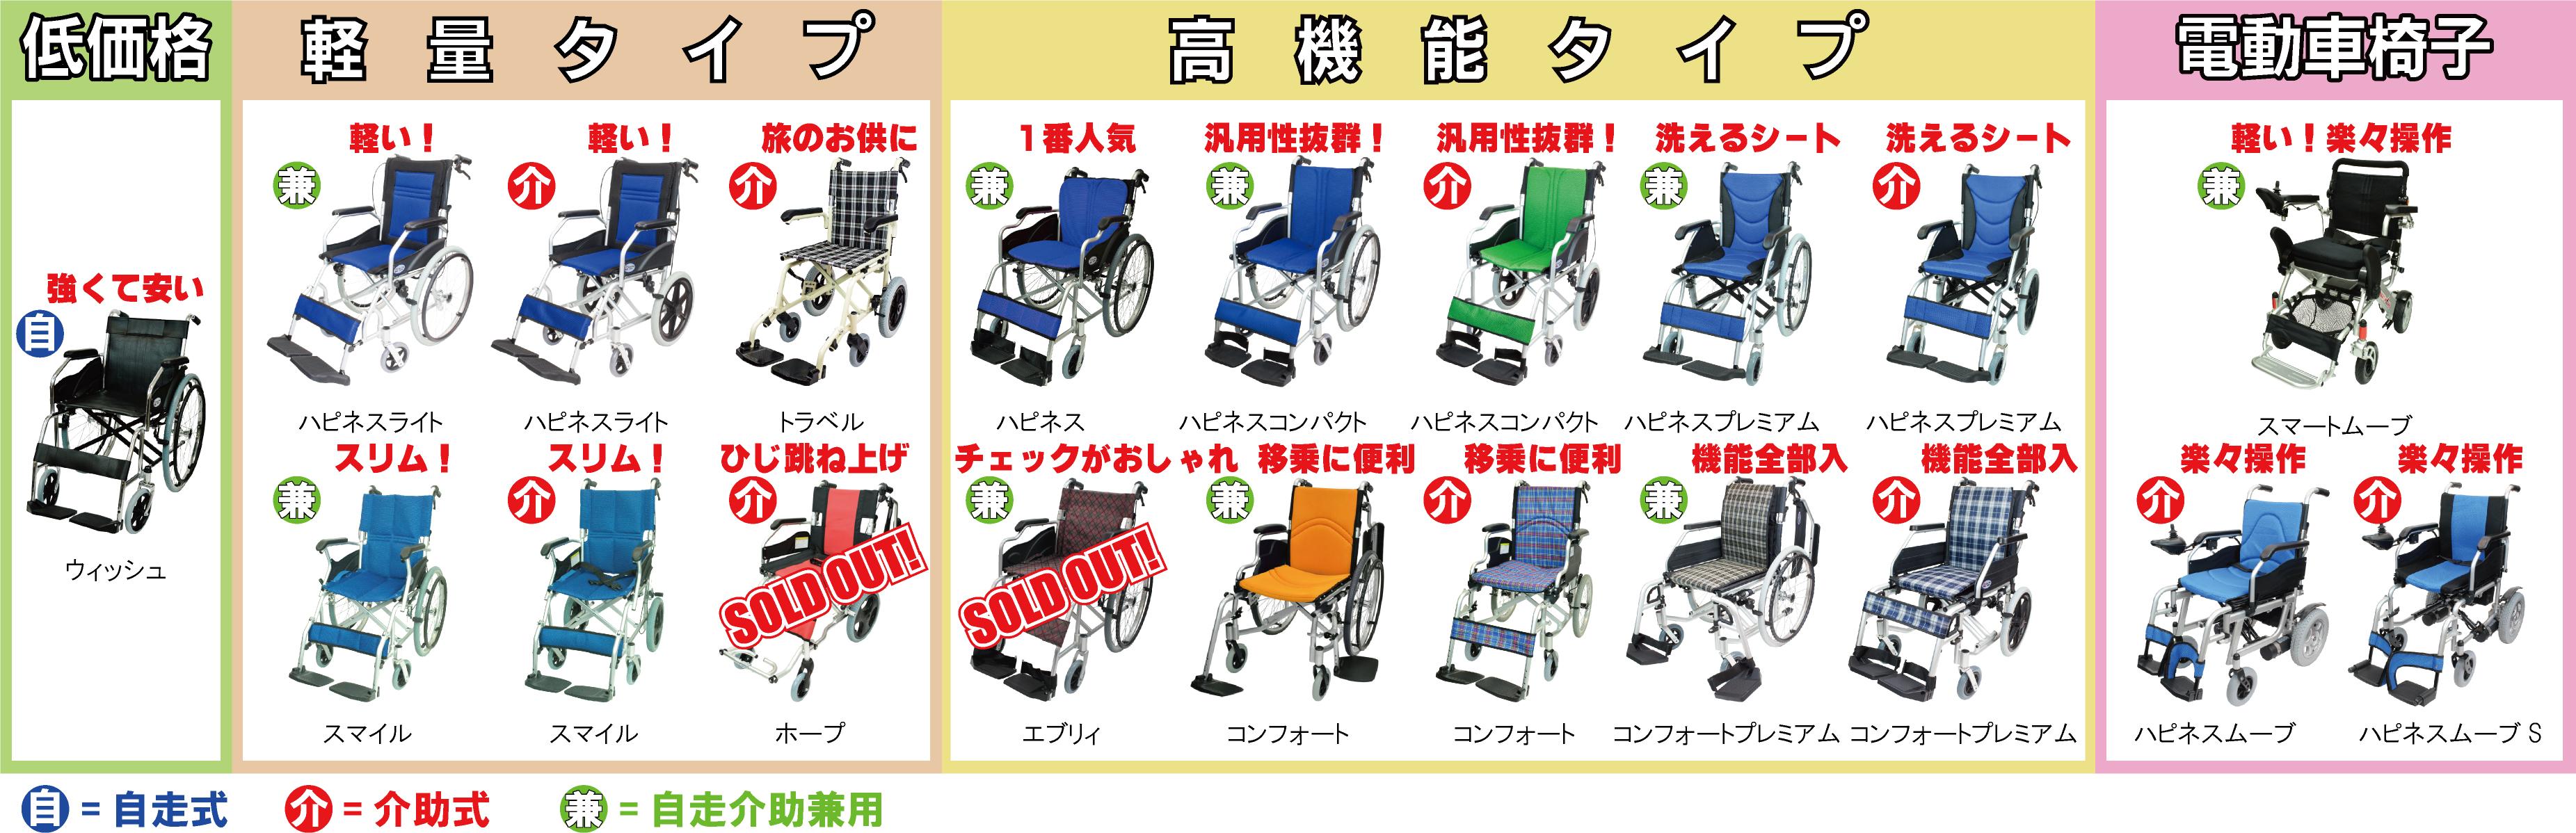 あなたにピッタリな車椅子が選べる4タイプチャート